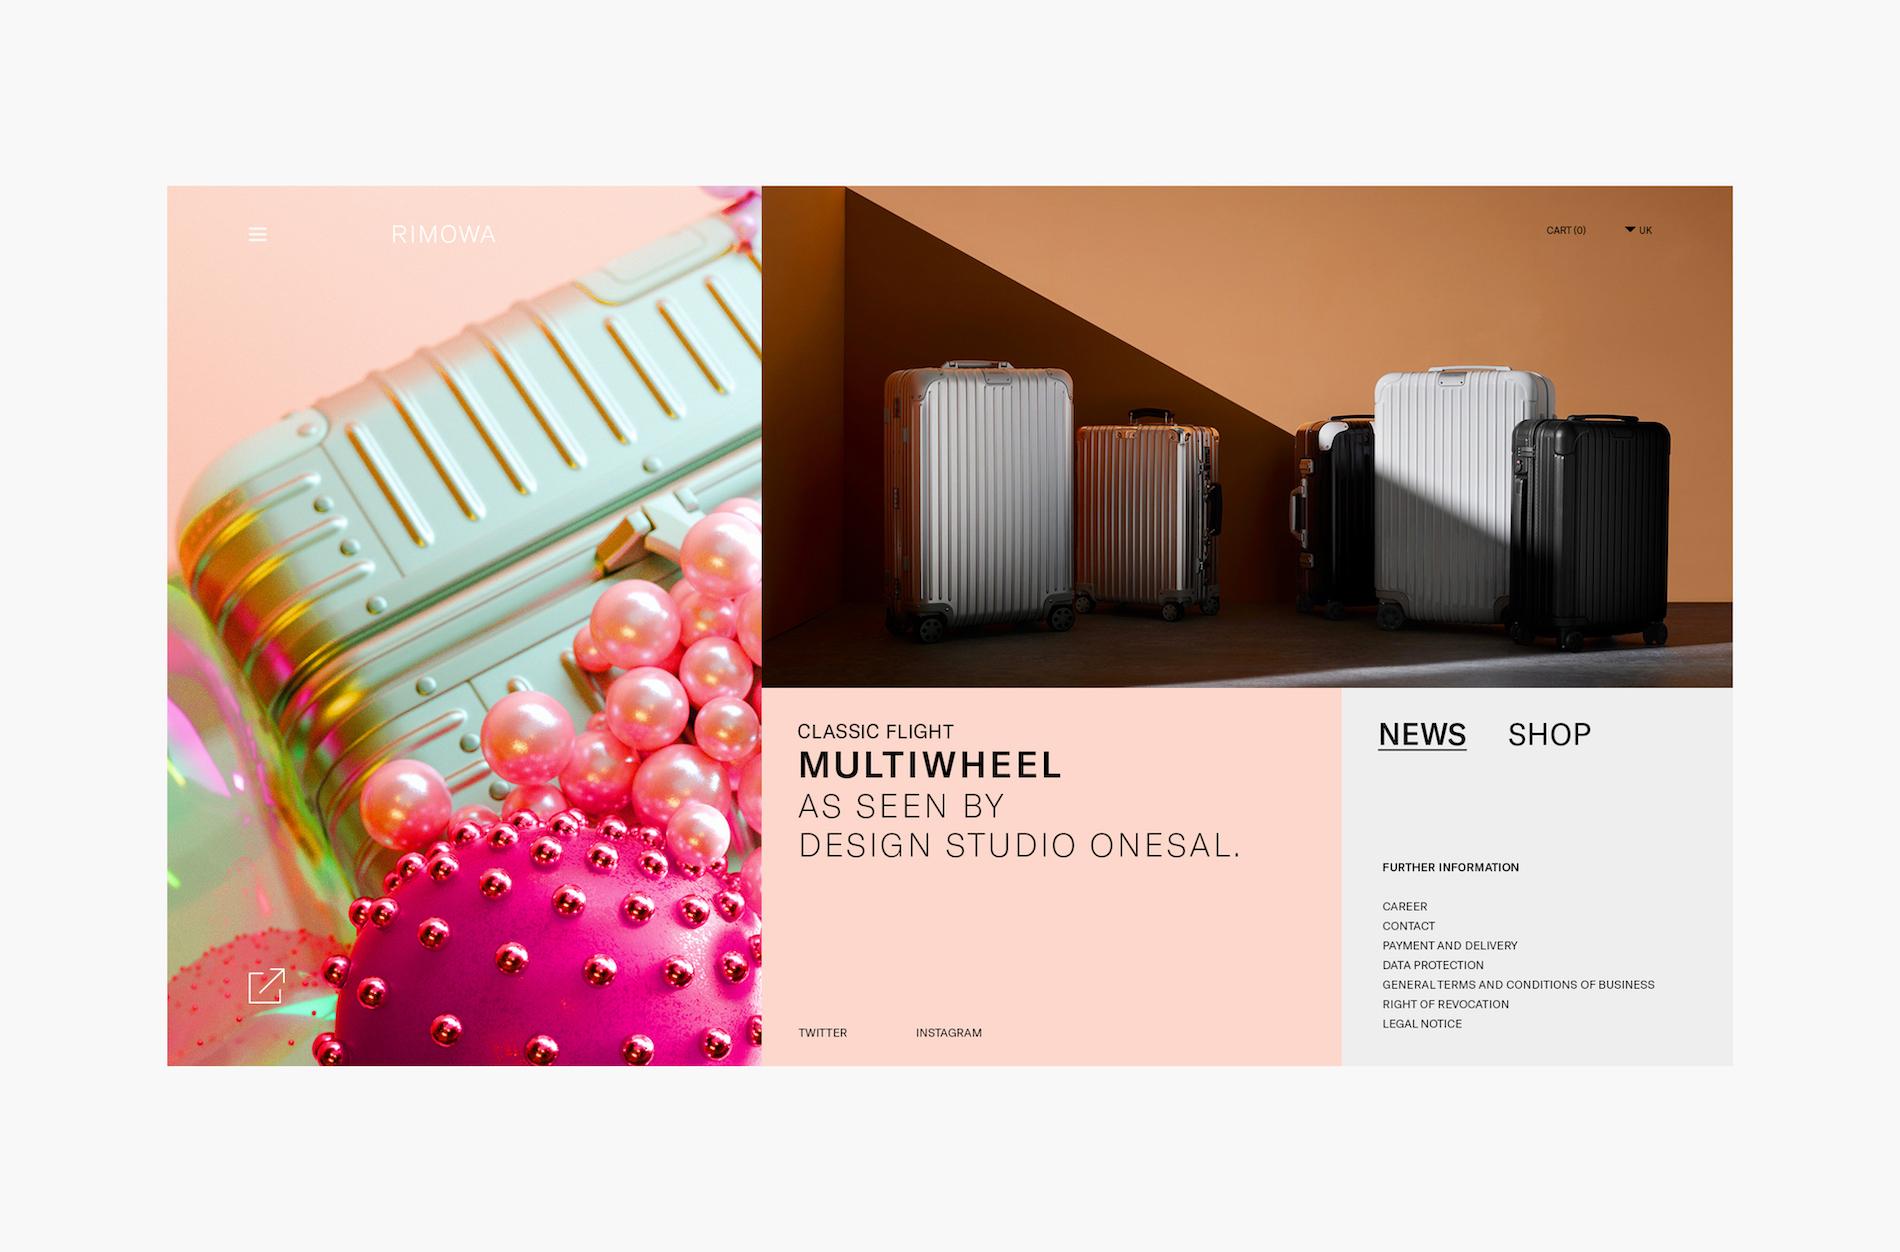 Elegant Web Design and App Design for Rimowa